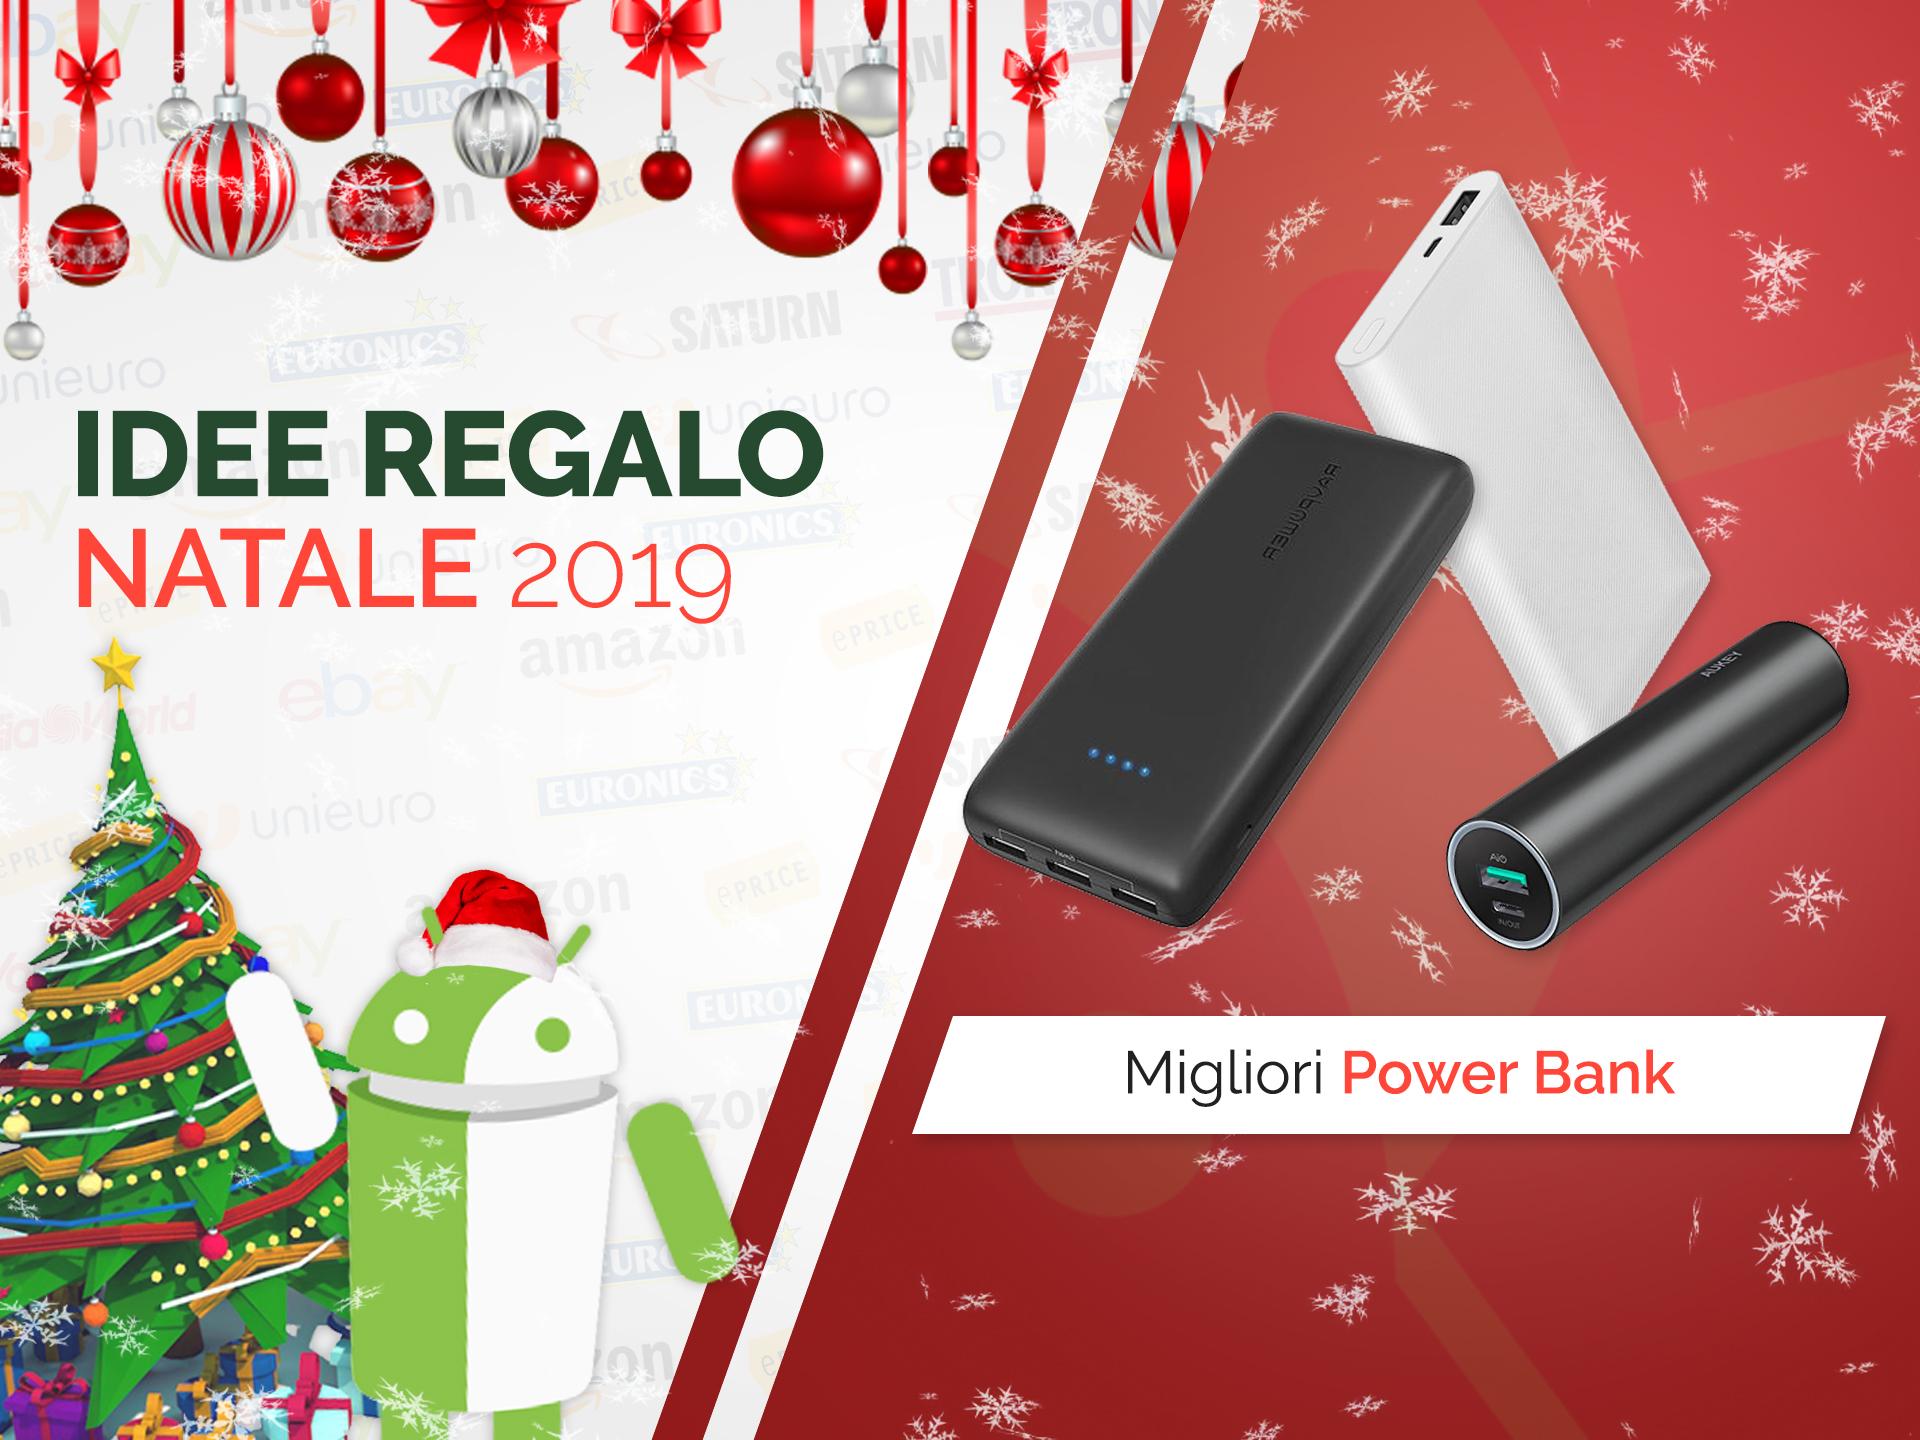 Quali power bank regalare a Natale? La nostra selezione dell